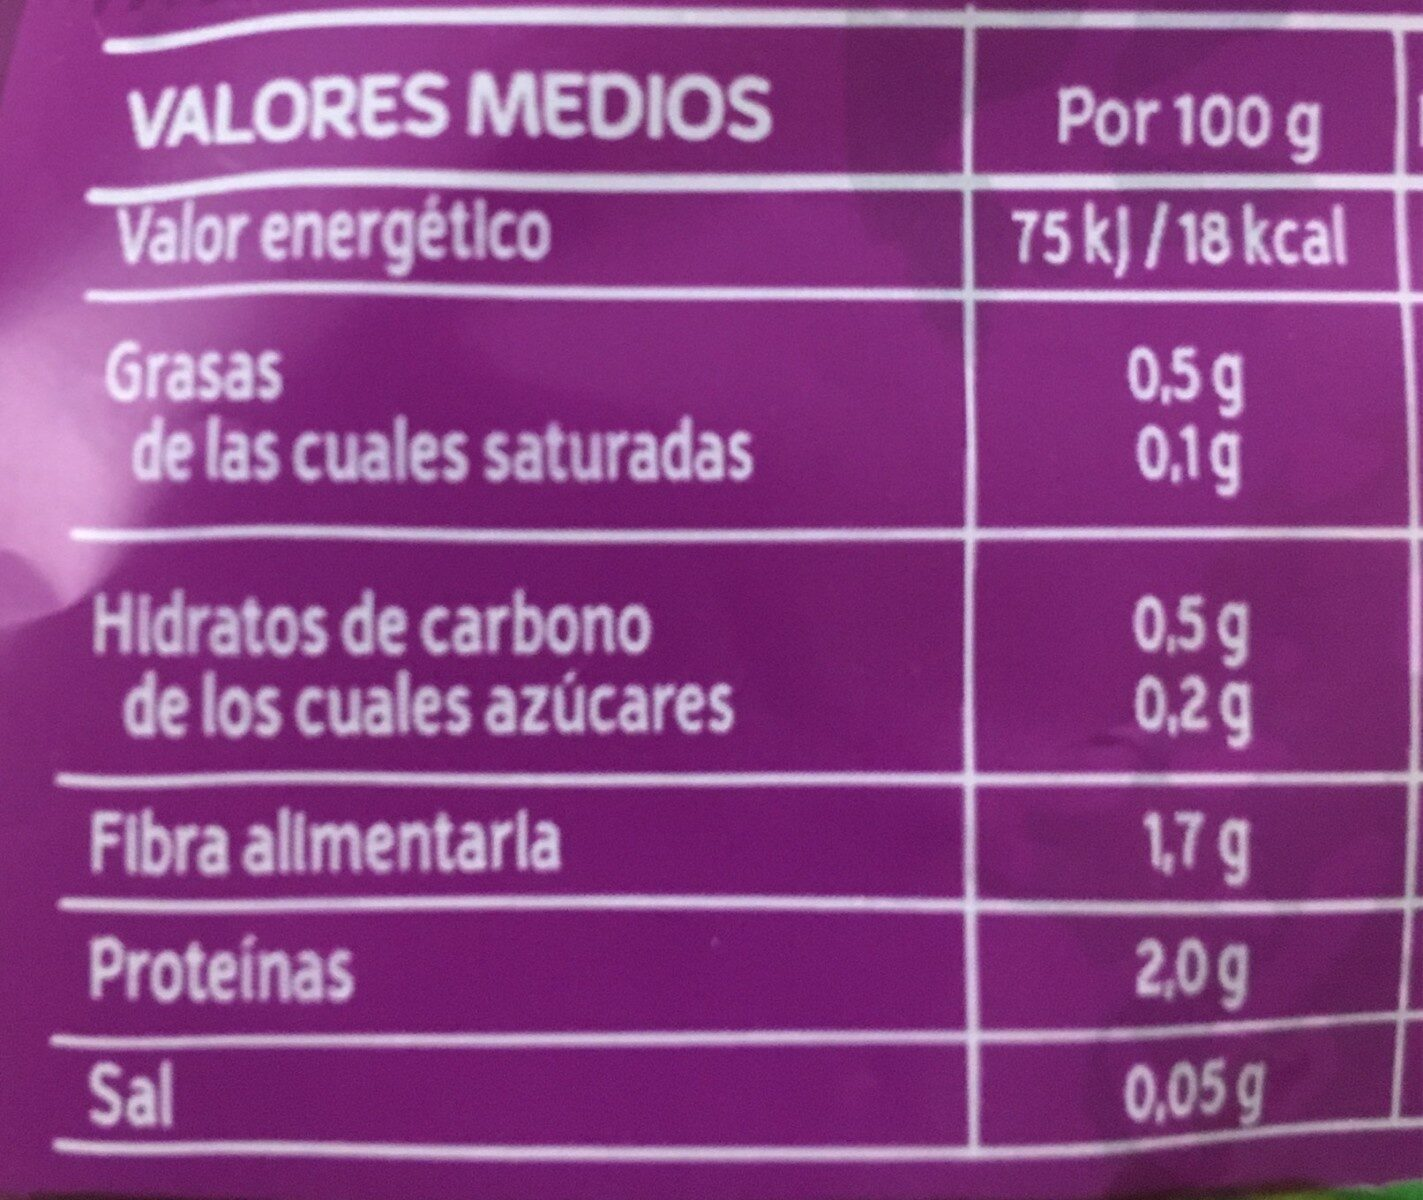 Tierna ensalada - Información nutricional - es